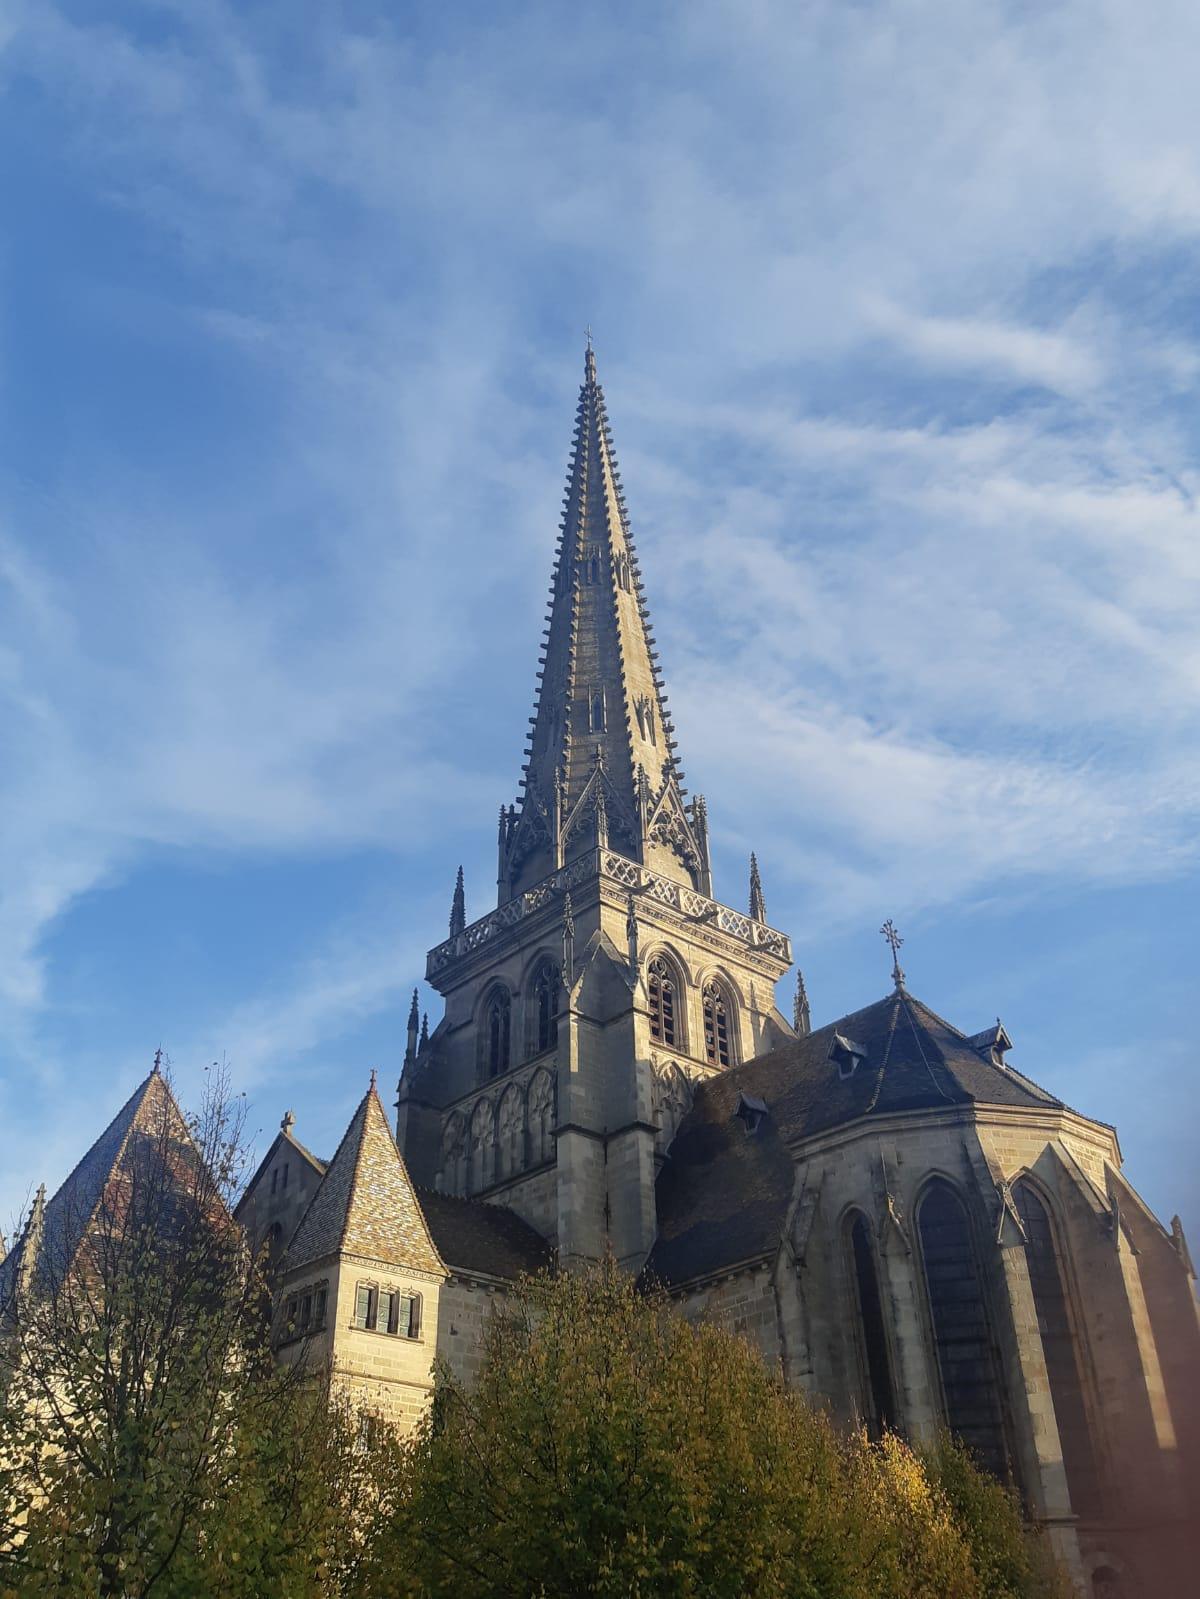 Autun, cathédrale saint lazare, style clunesien, flèche de cathédrale, balades historique, balade historique